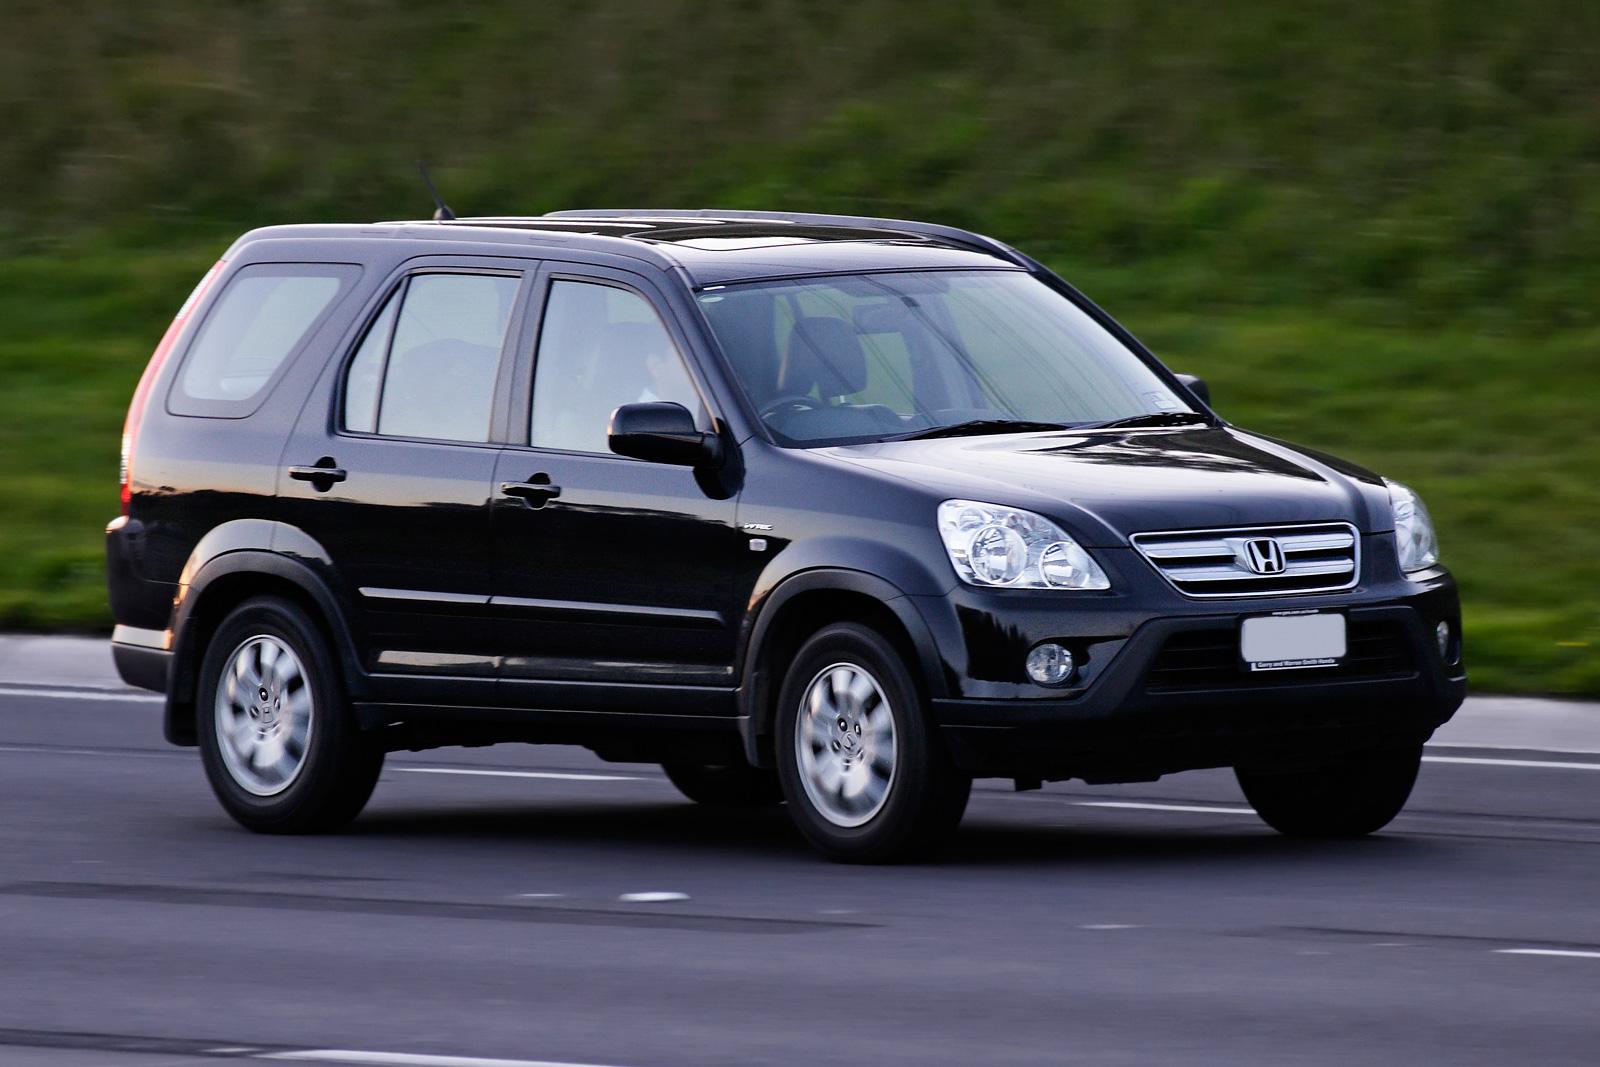 Honda honda cr-v 2005 : File:2005–2007 Honda CR-V Sport.jpg - Wikimedia Commons